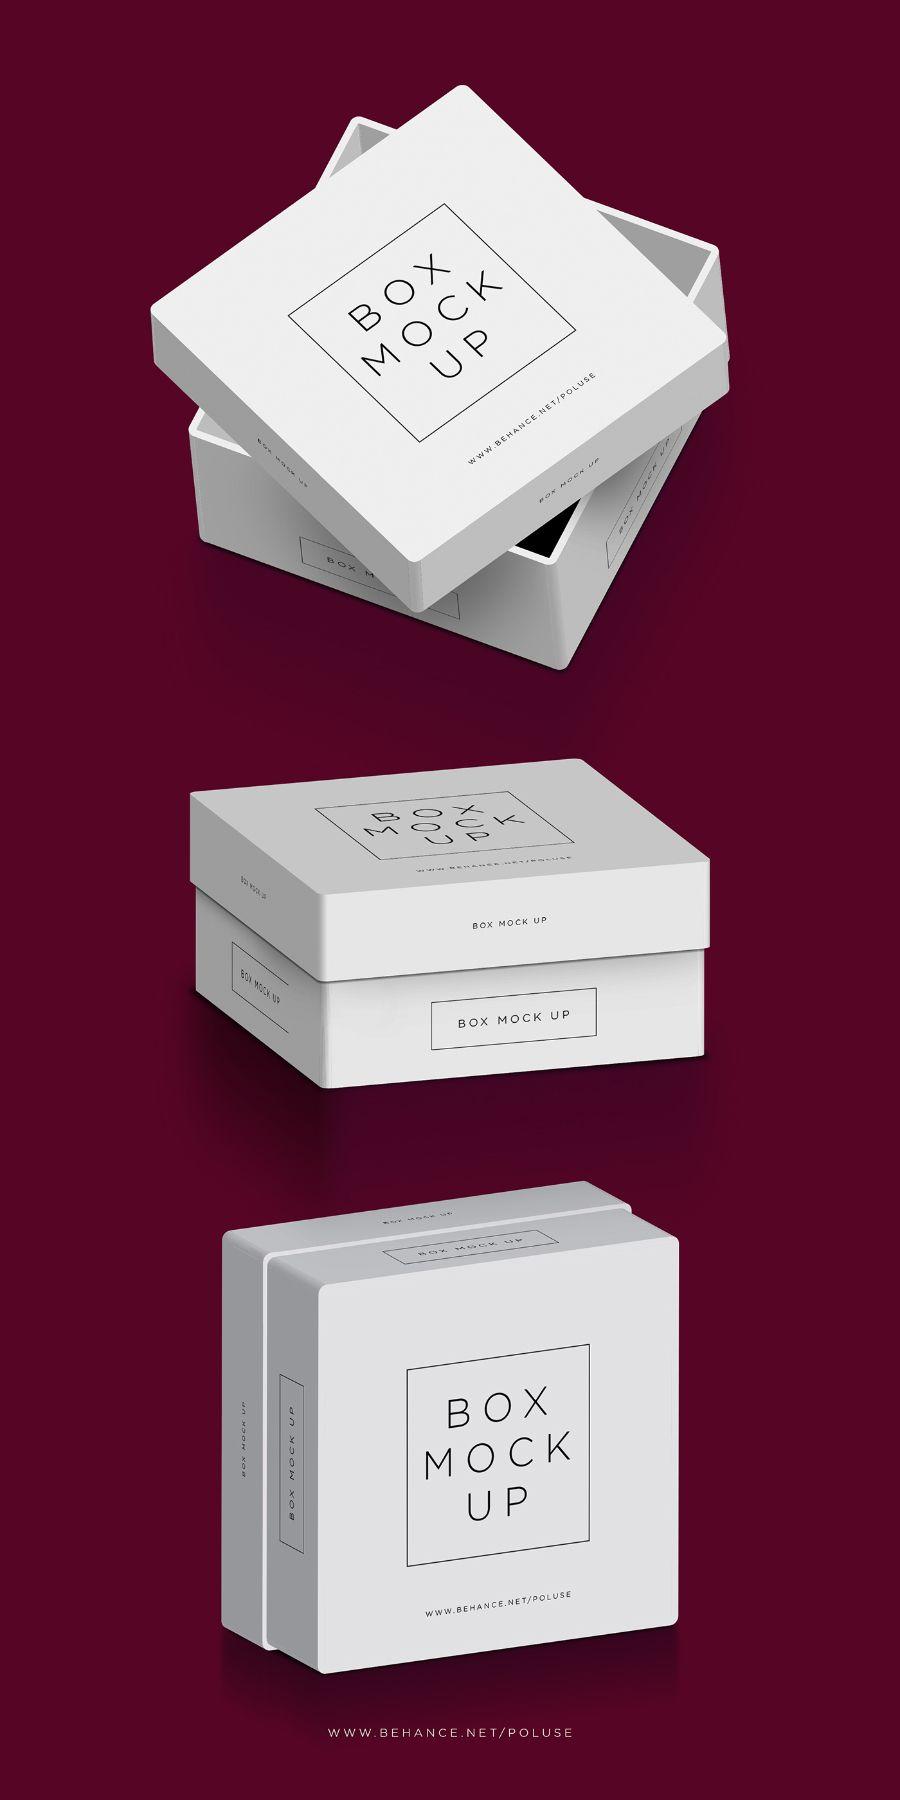 Download Free Psd Packaging Box Mockup Free Design Resources Design Mockup Free Free Packaging Mockup Box Mockup